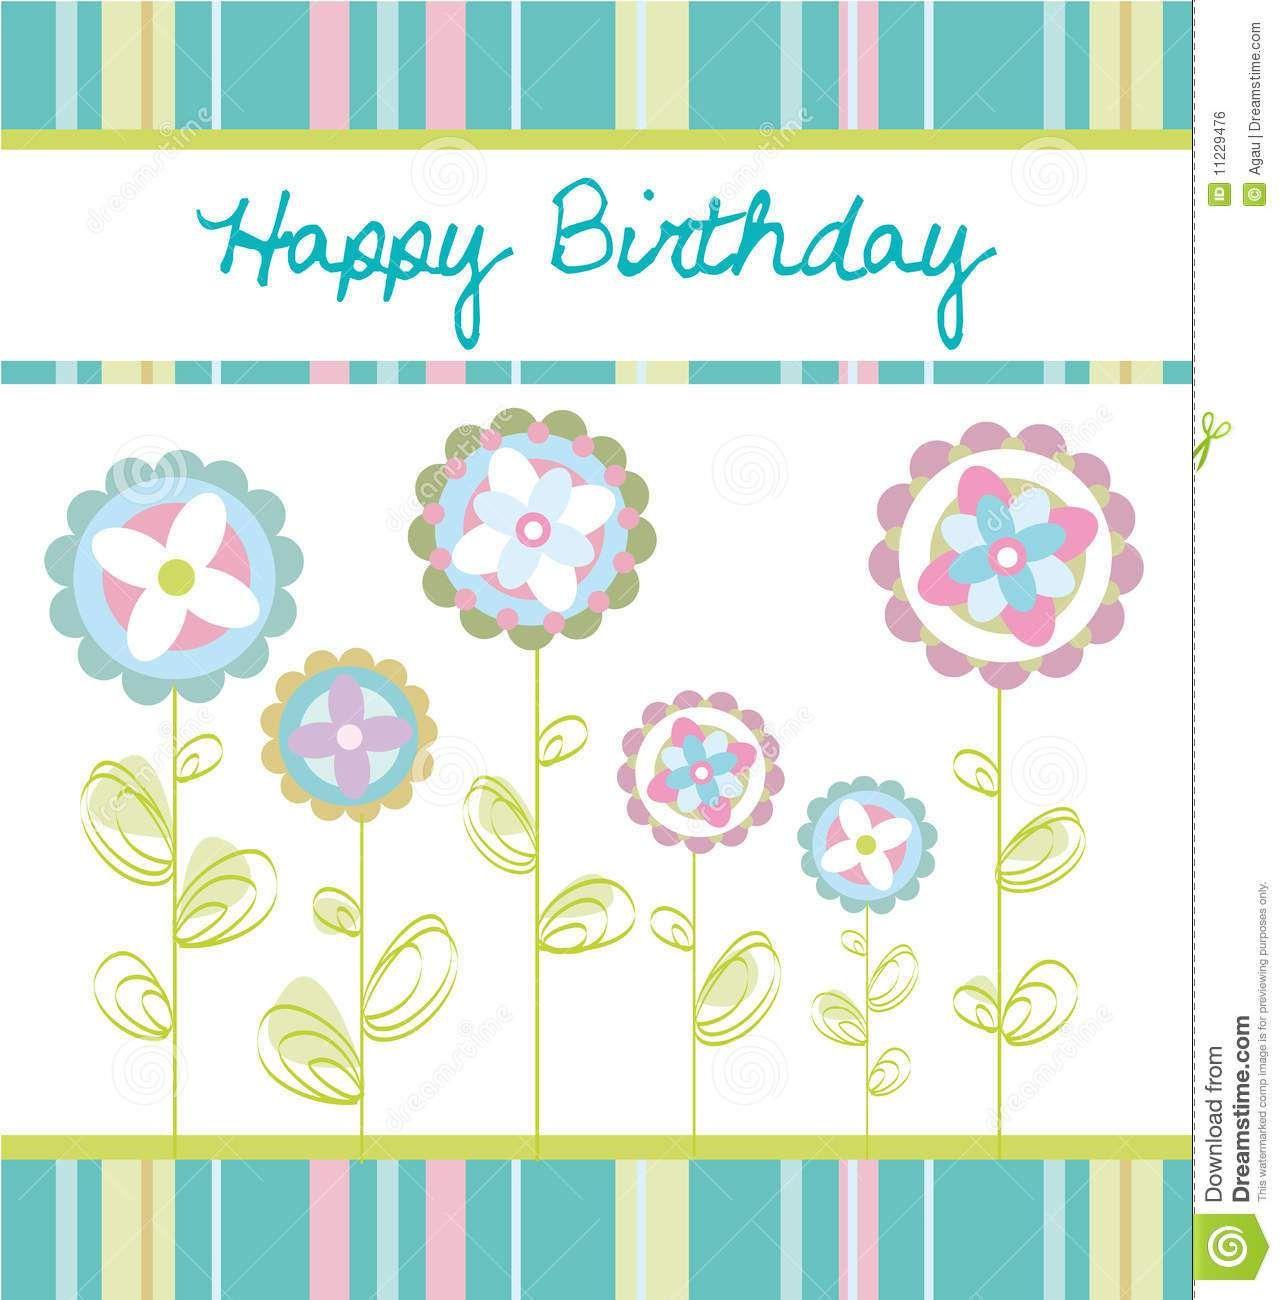 tarjetas en espaol gratis hallmark tarjeta de felicitacin del cumpleaos con las flores